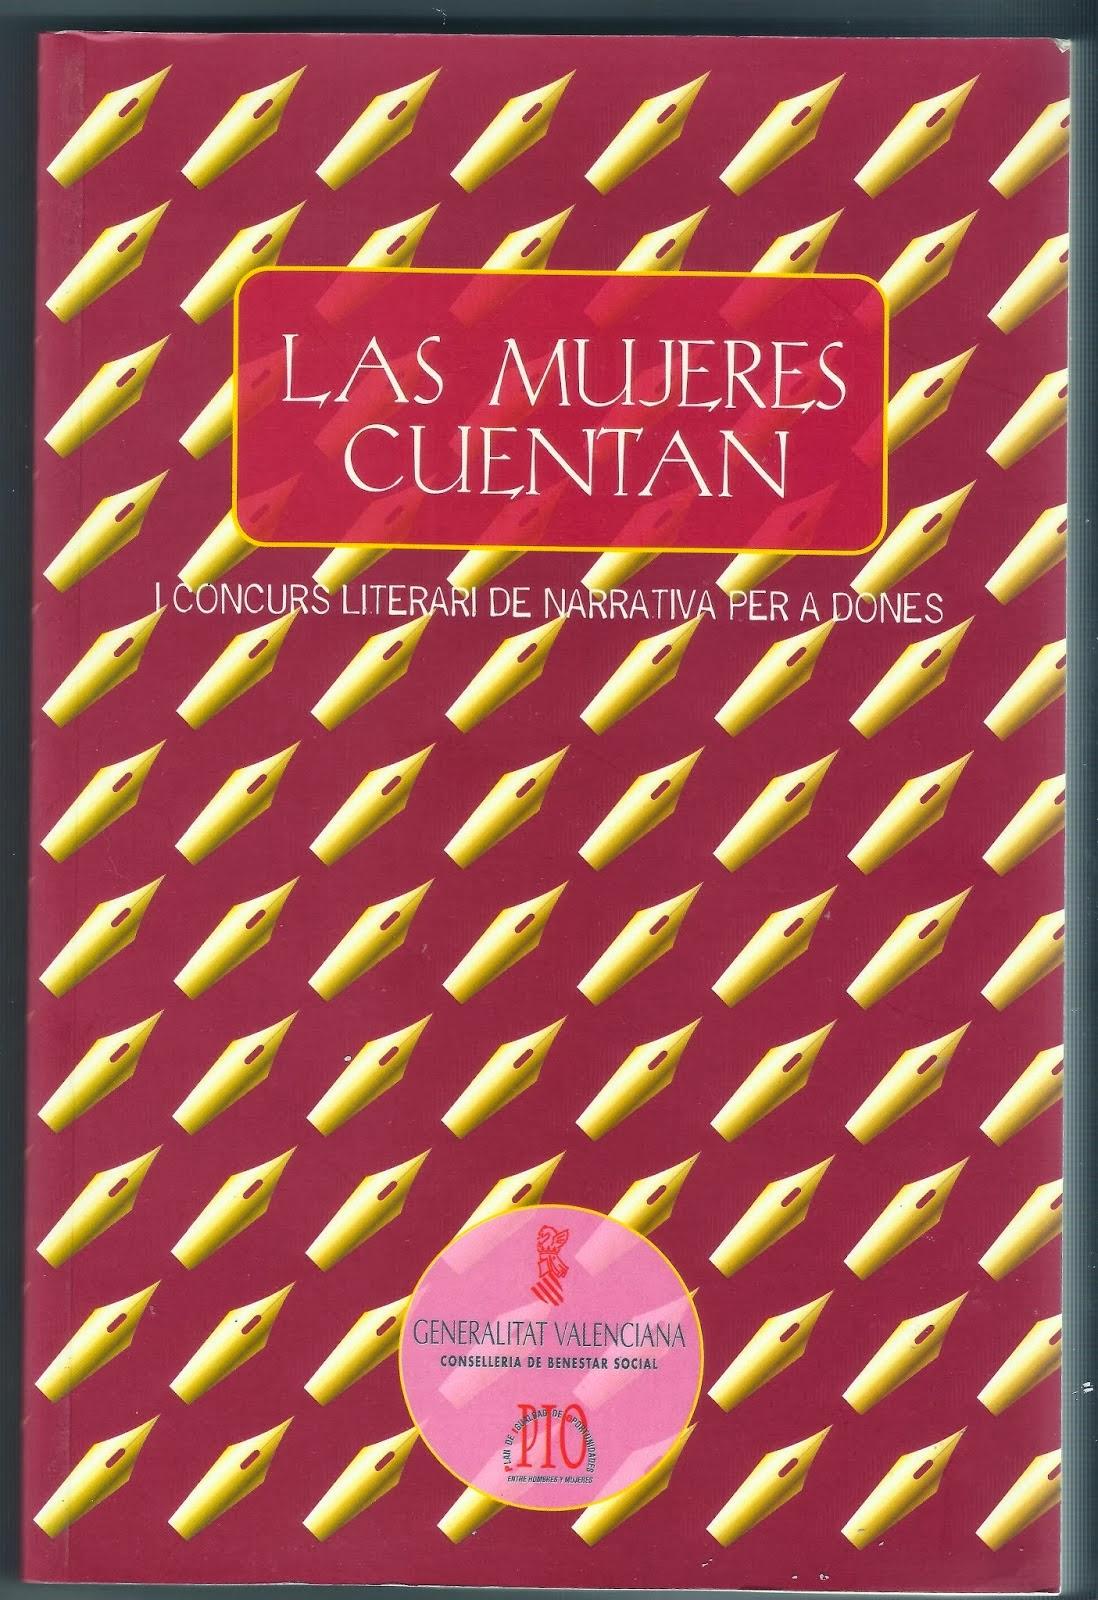 LIBROS EN LOS QUE PARTICIPO: